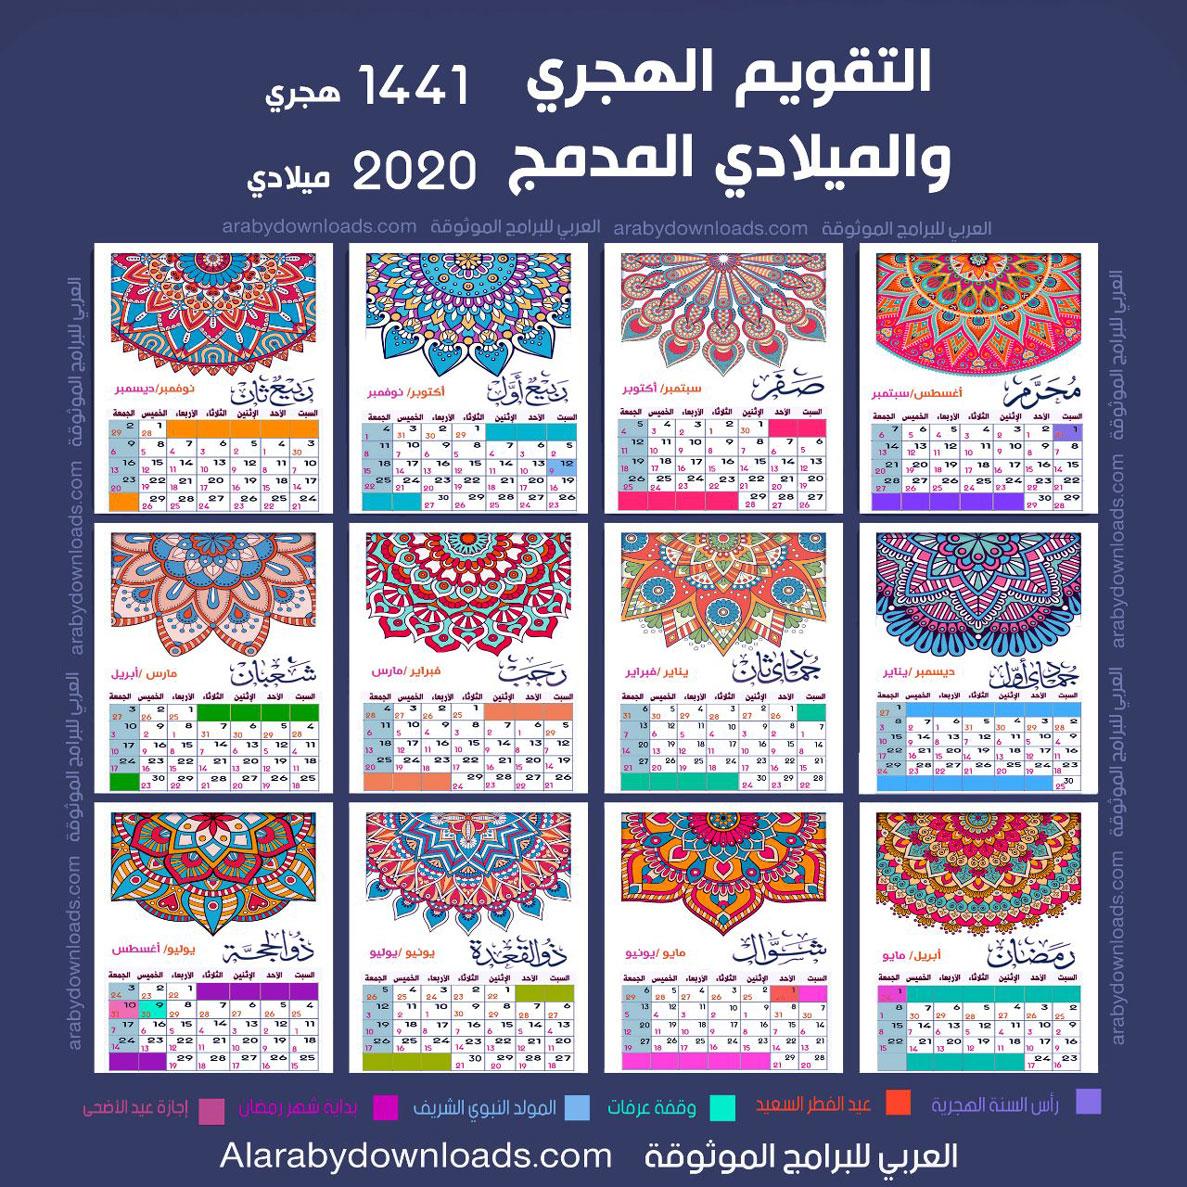 تحميل التقويم الهجري 1441 والميلادي 2019 pdf تاريخ اليوم بالهجري والميلادي مع أبرز إجازات العام الجديد 2020